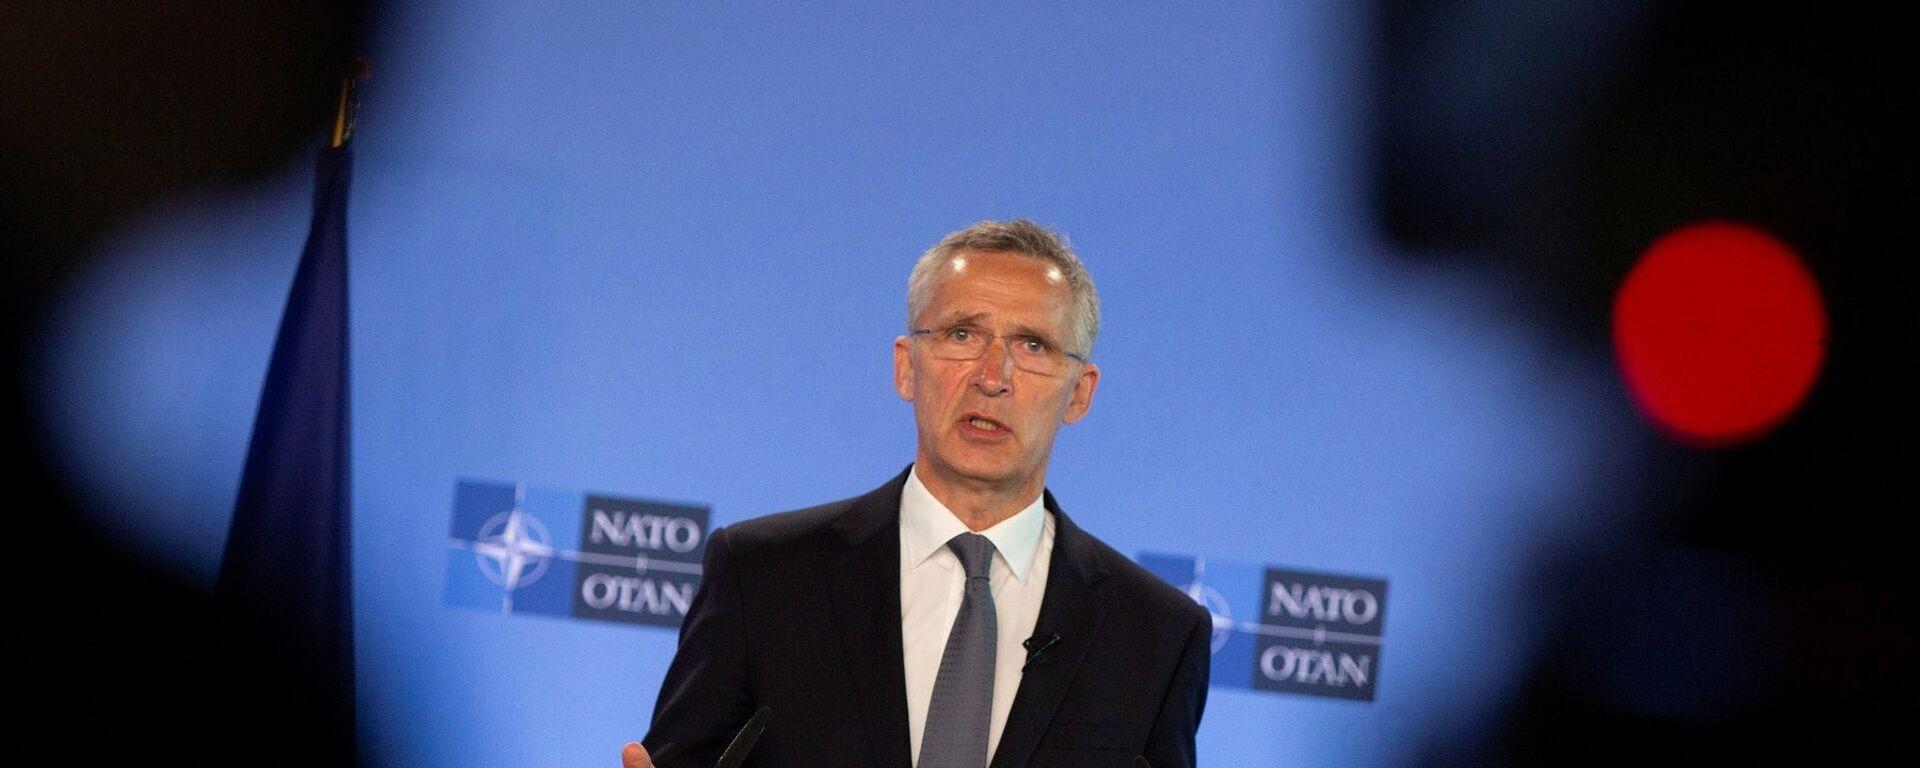 NATO Genel Sekreteri Jens Stoltenberg - Sputnik Türkiye, 1920, 03.06.2021